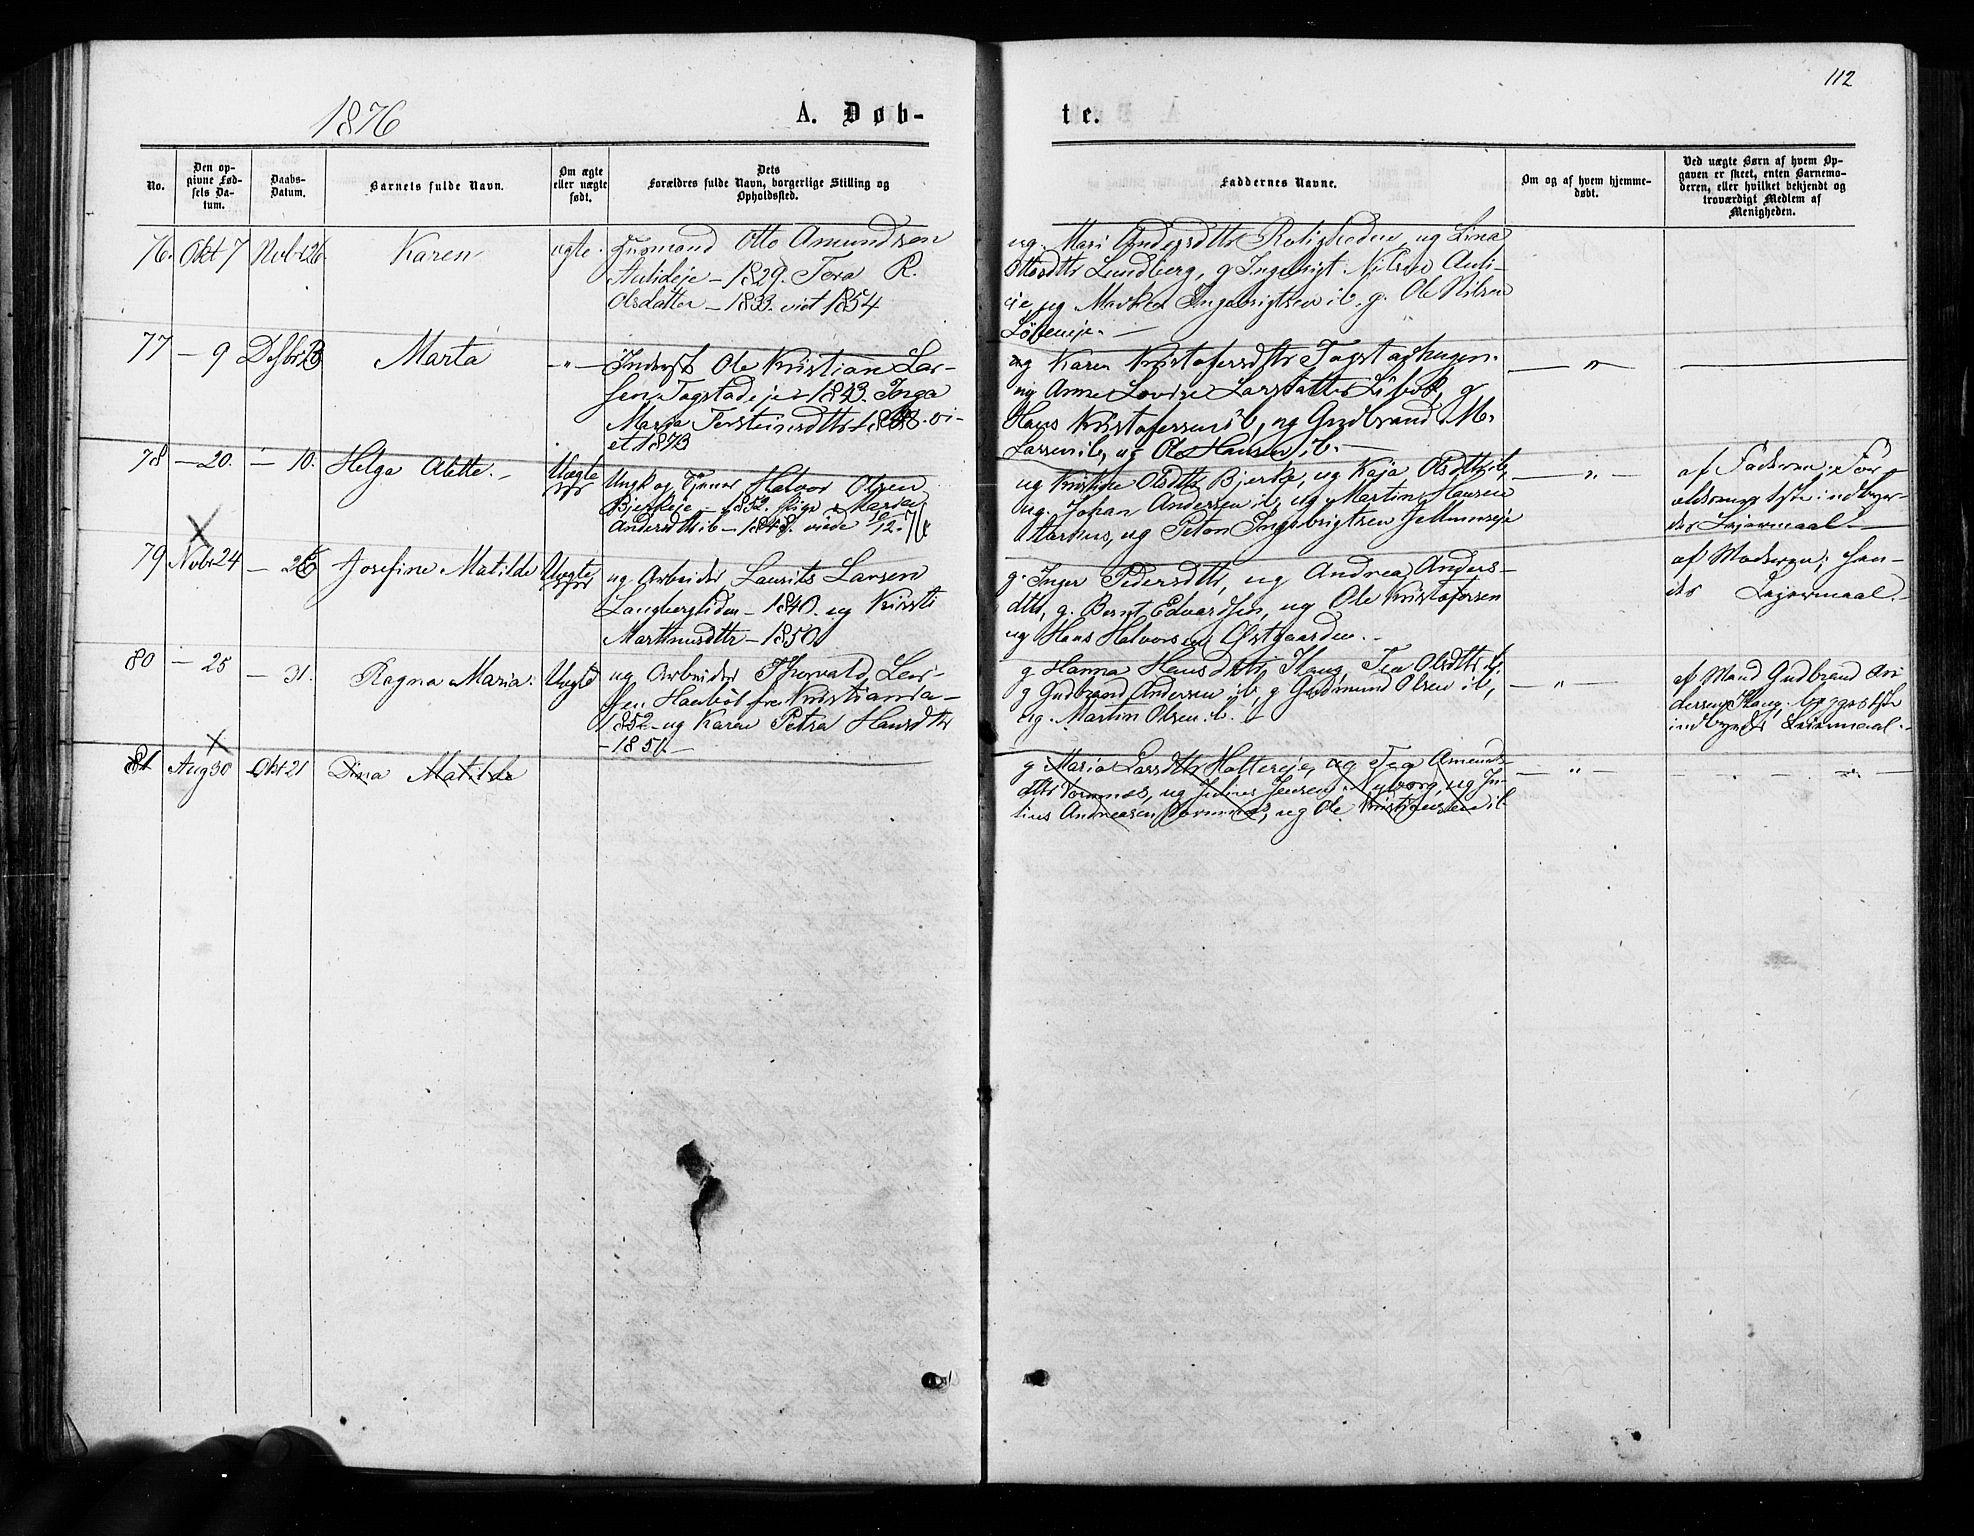 SAO, Nes prestekontor Kirkebøker, F/Fa/L0009: Ministerialbok nr. I 9, 1875-1882, s. 112